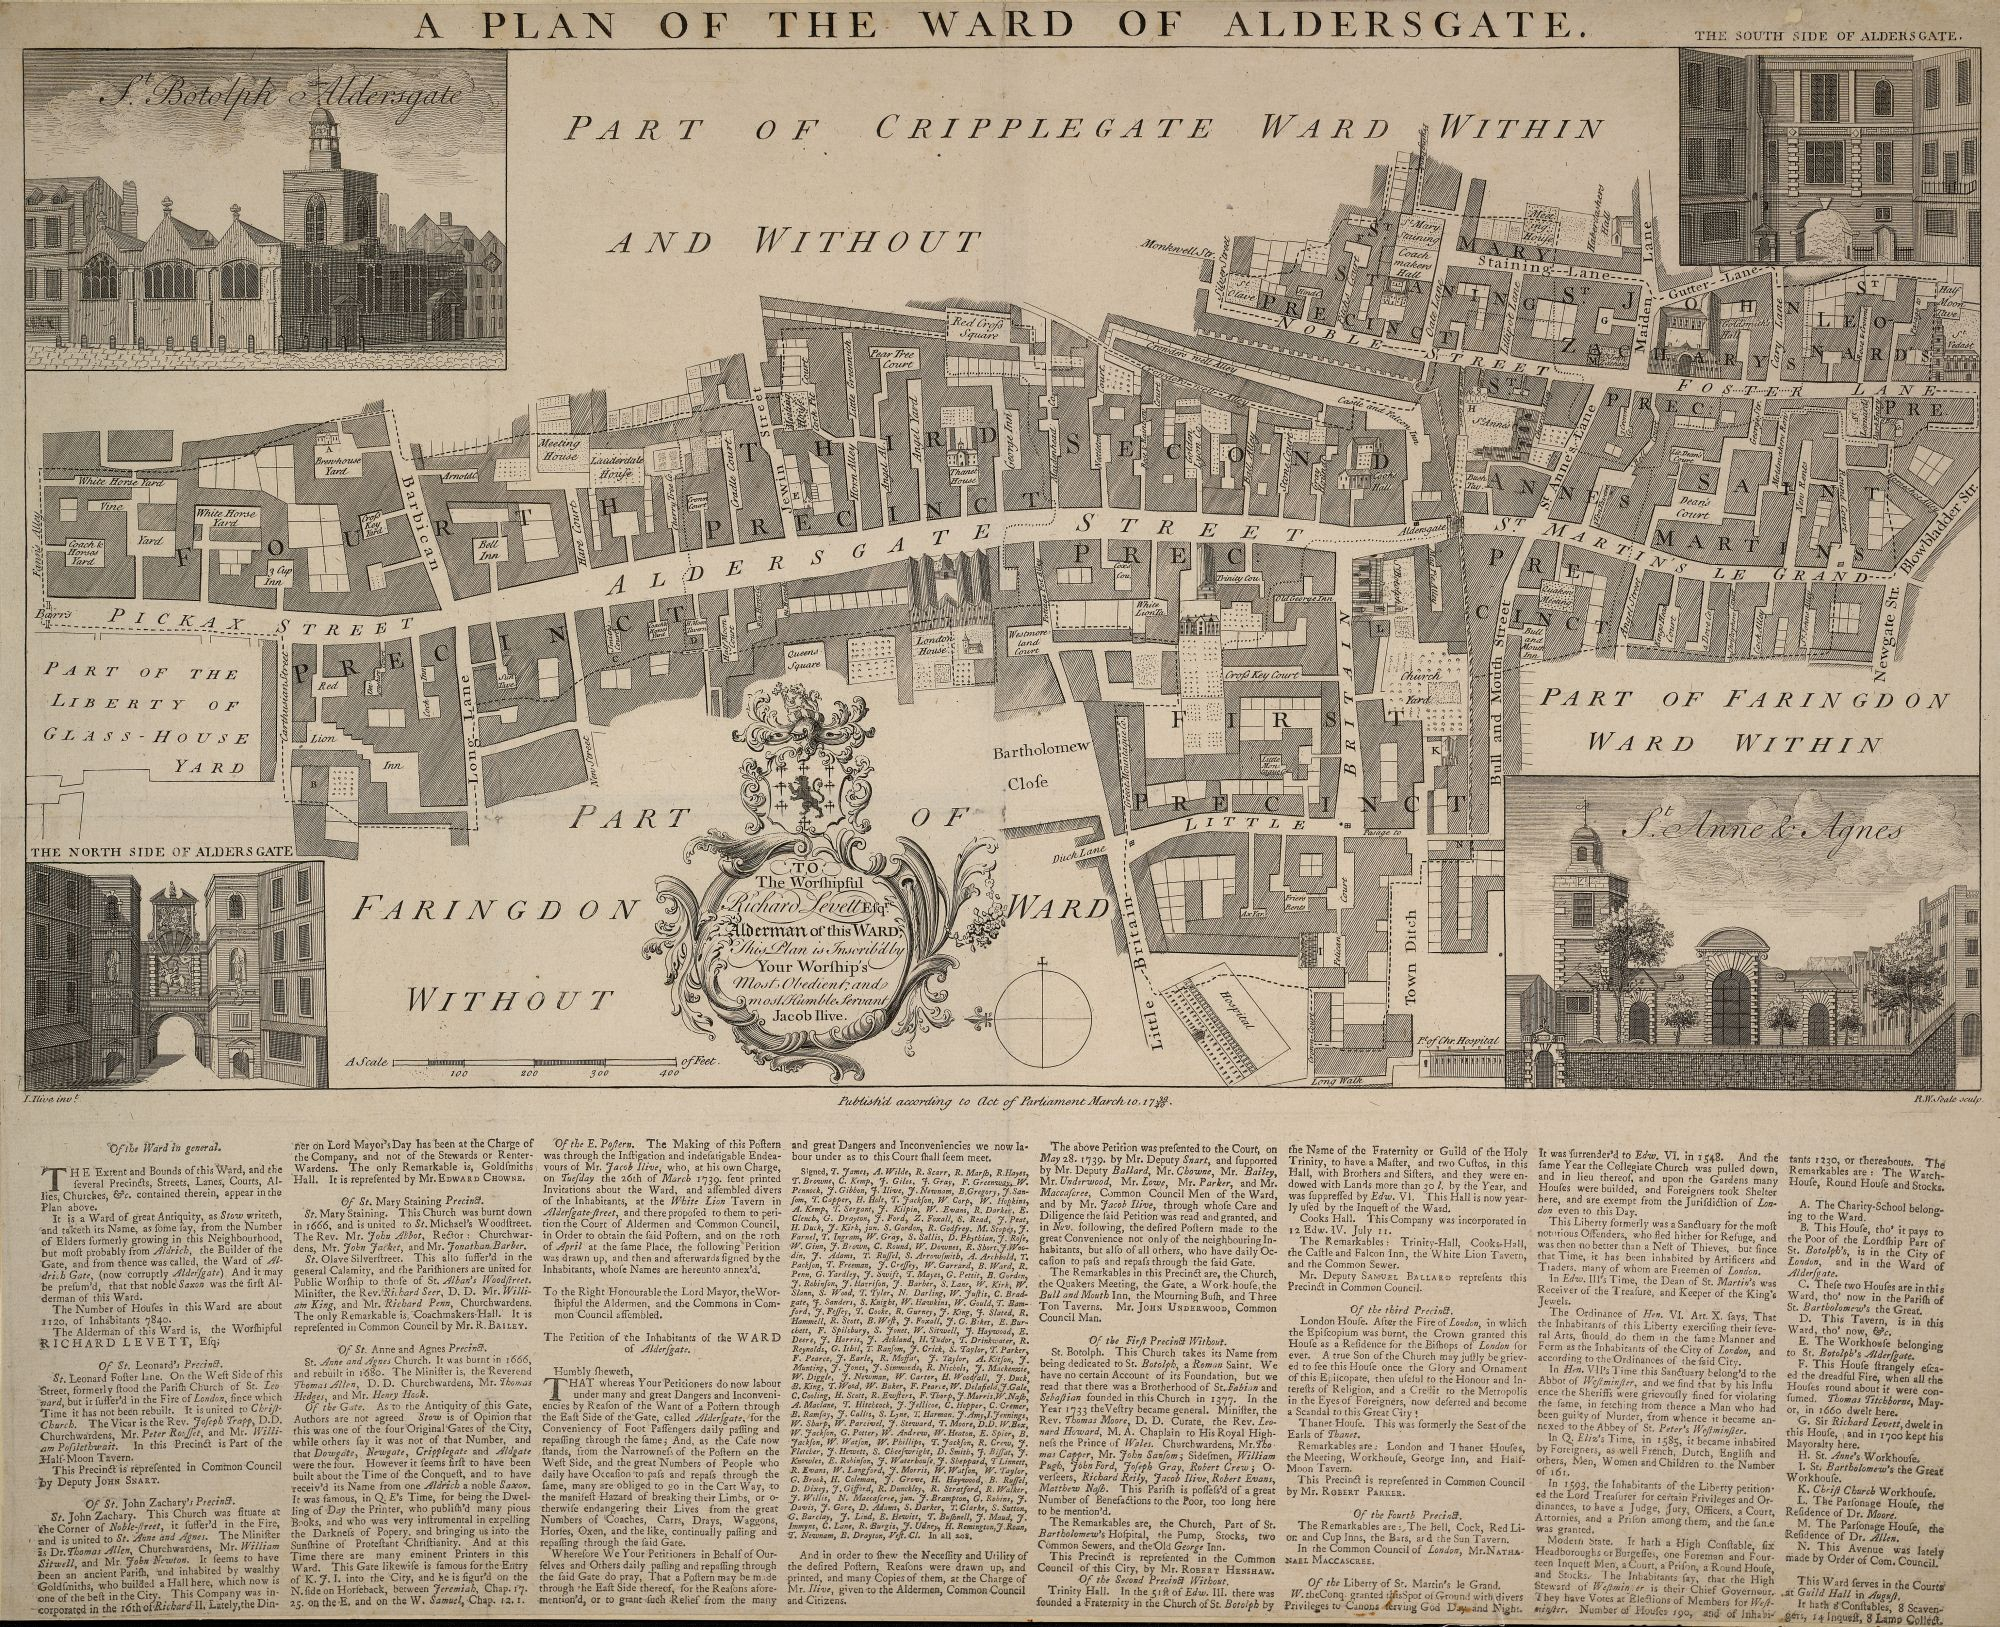 Richard William Seale after Jacob Ilive , A plan of the ward of Aldersgate (London: Jacob Ilive, 1739).Maps Crace Port. 8.2